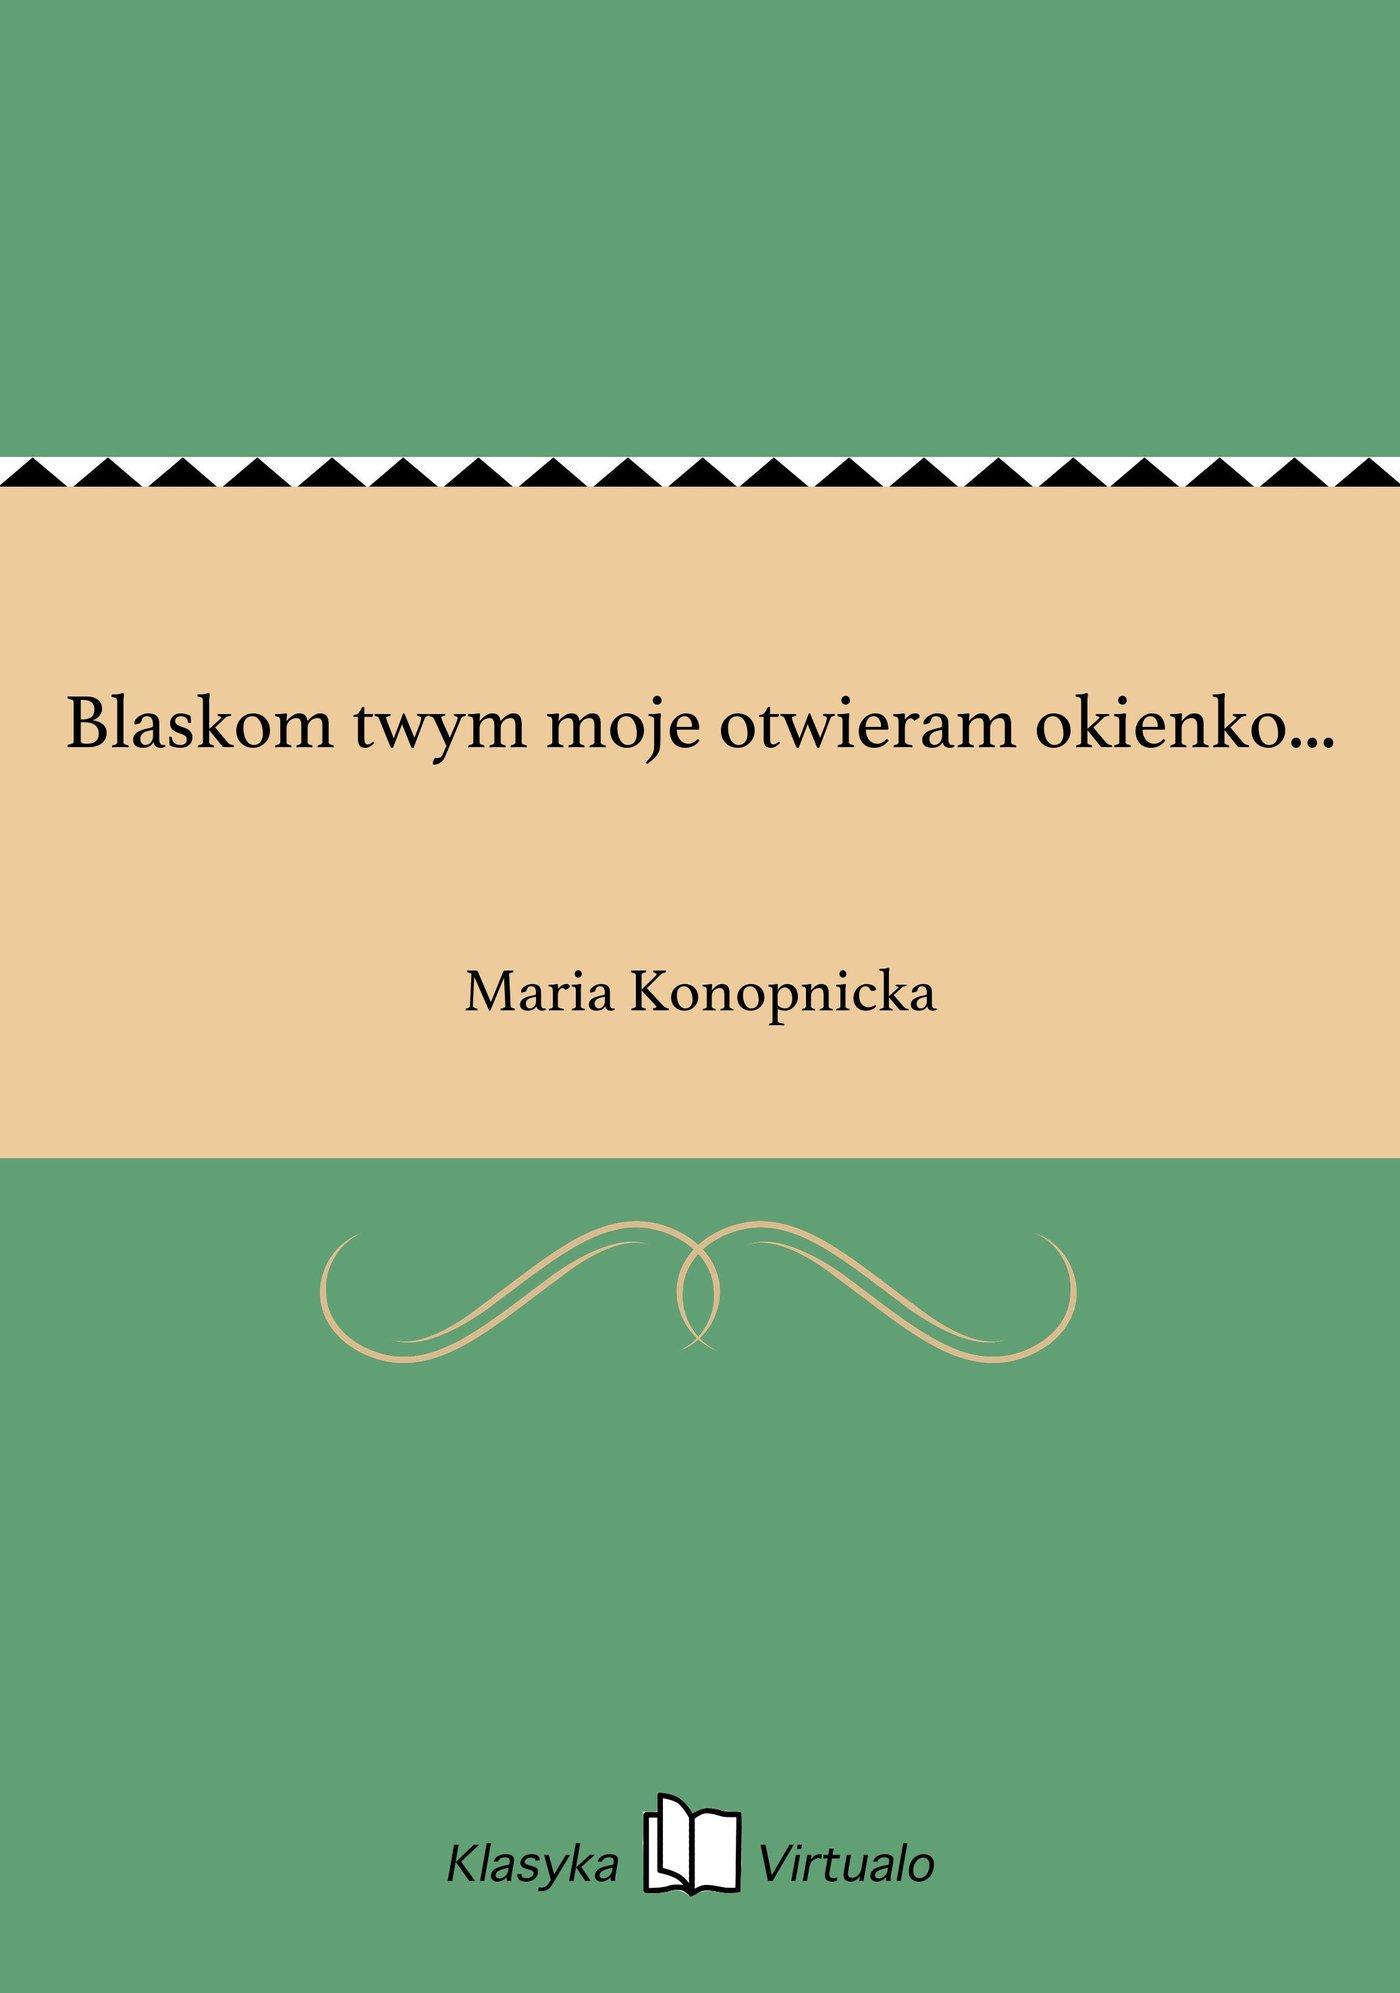 Blaskom twym moje otwieram okienko... - Ebook (Książka na Kindle) do pobrania w formacie MOBI